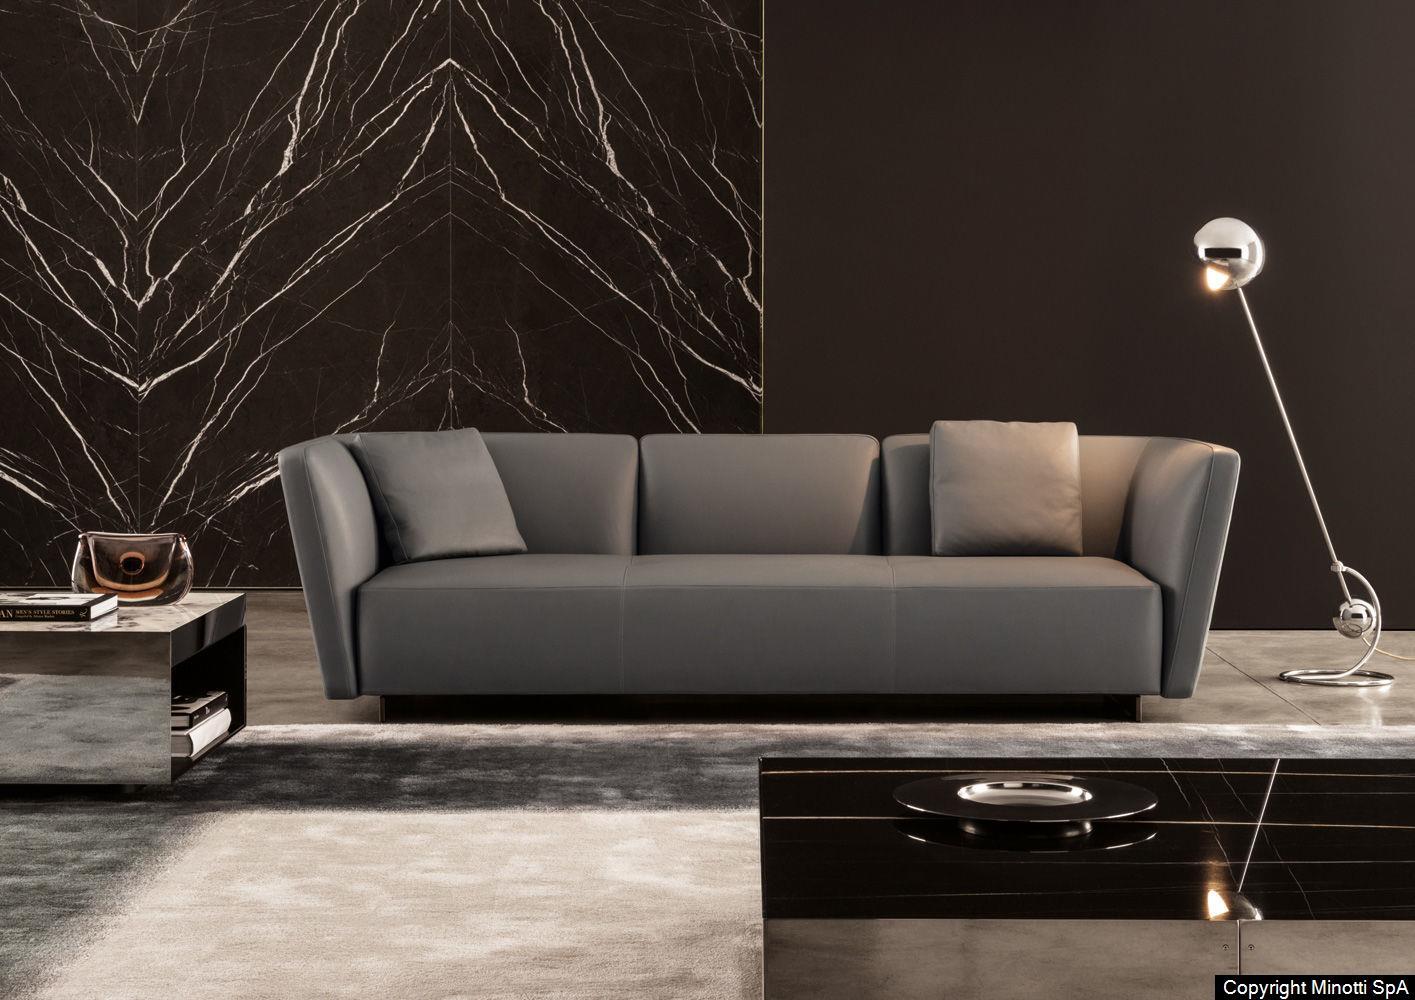 Minotti Lounge Seymour sofa